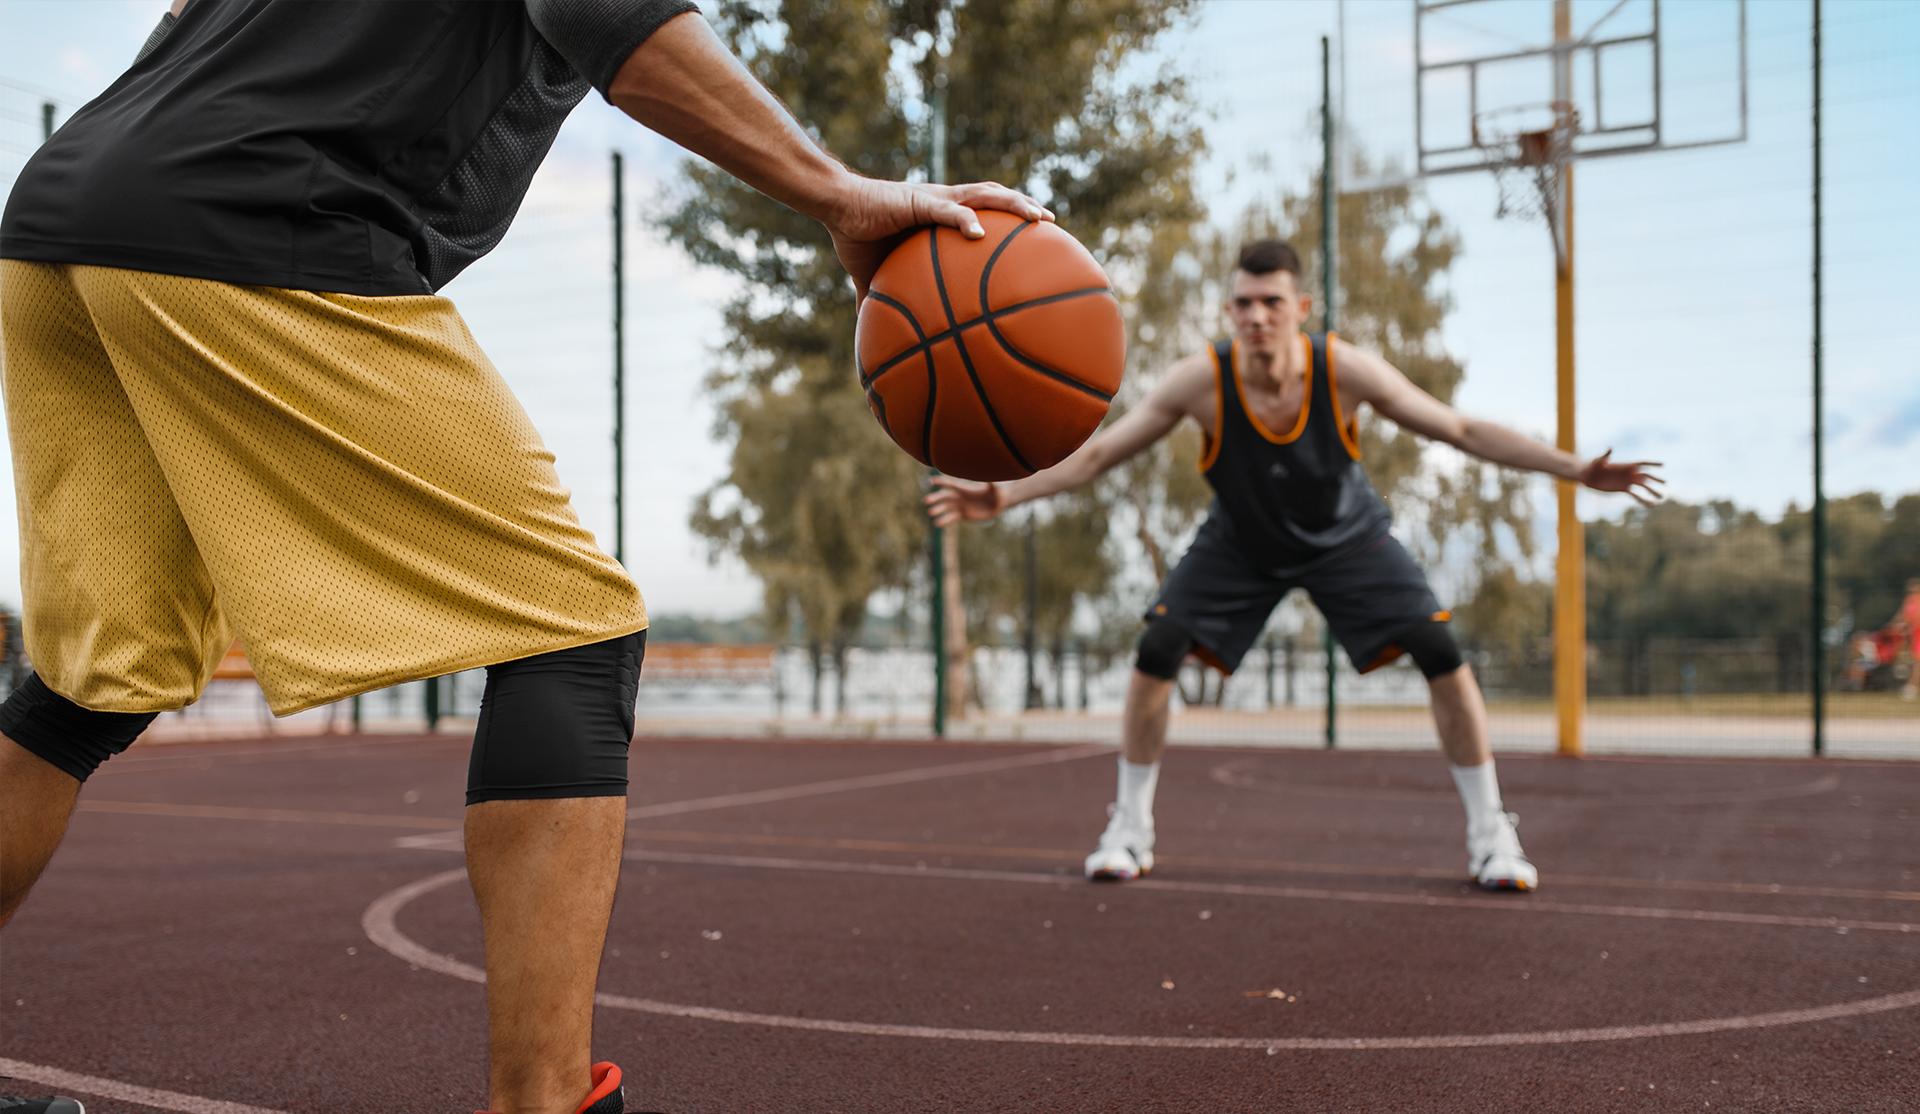 dos jóvenes jugando a baloncesto